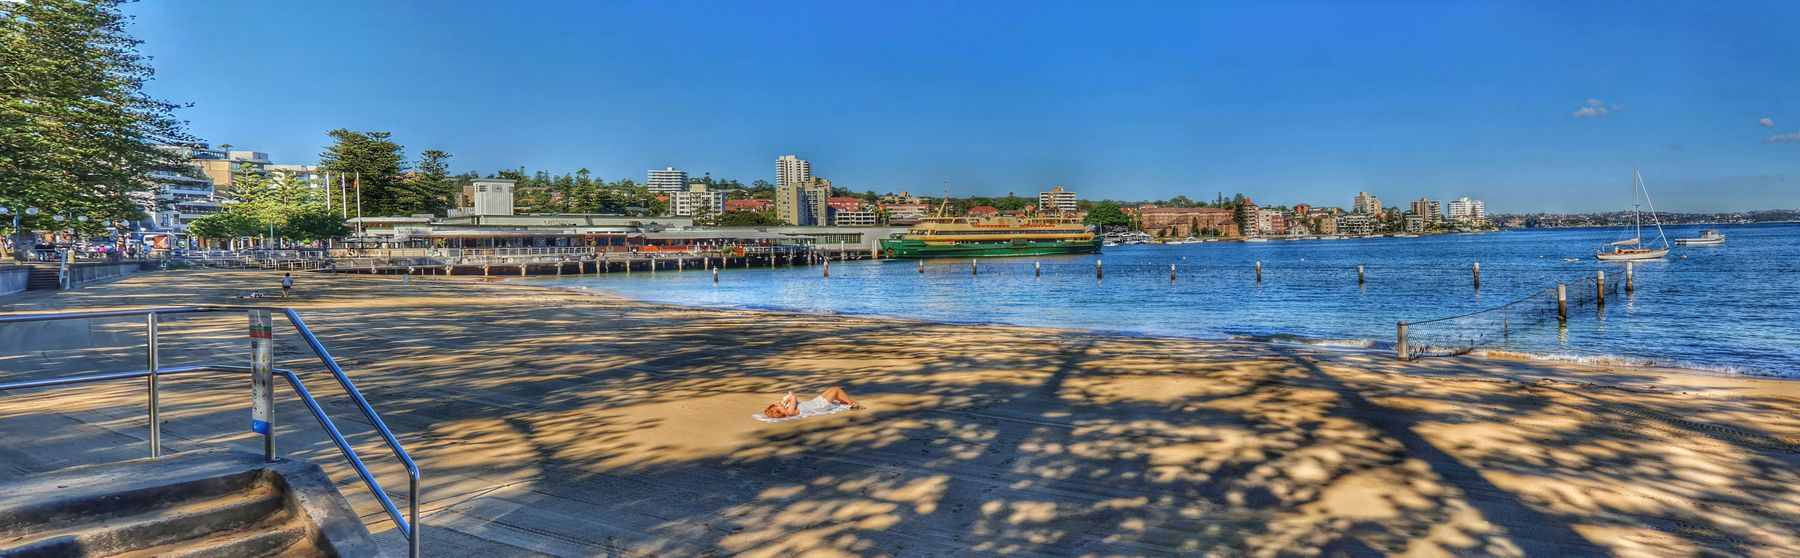 Пляжный австралийский этюд... пляж Сидней Австралия